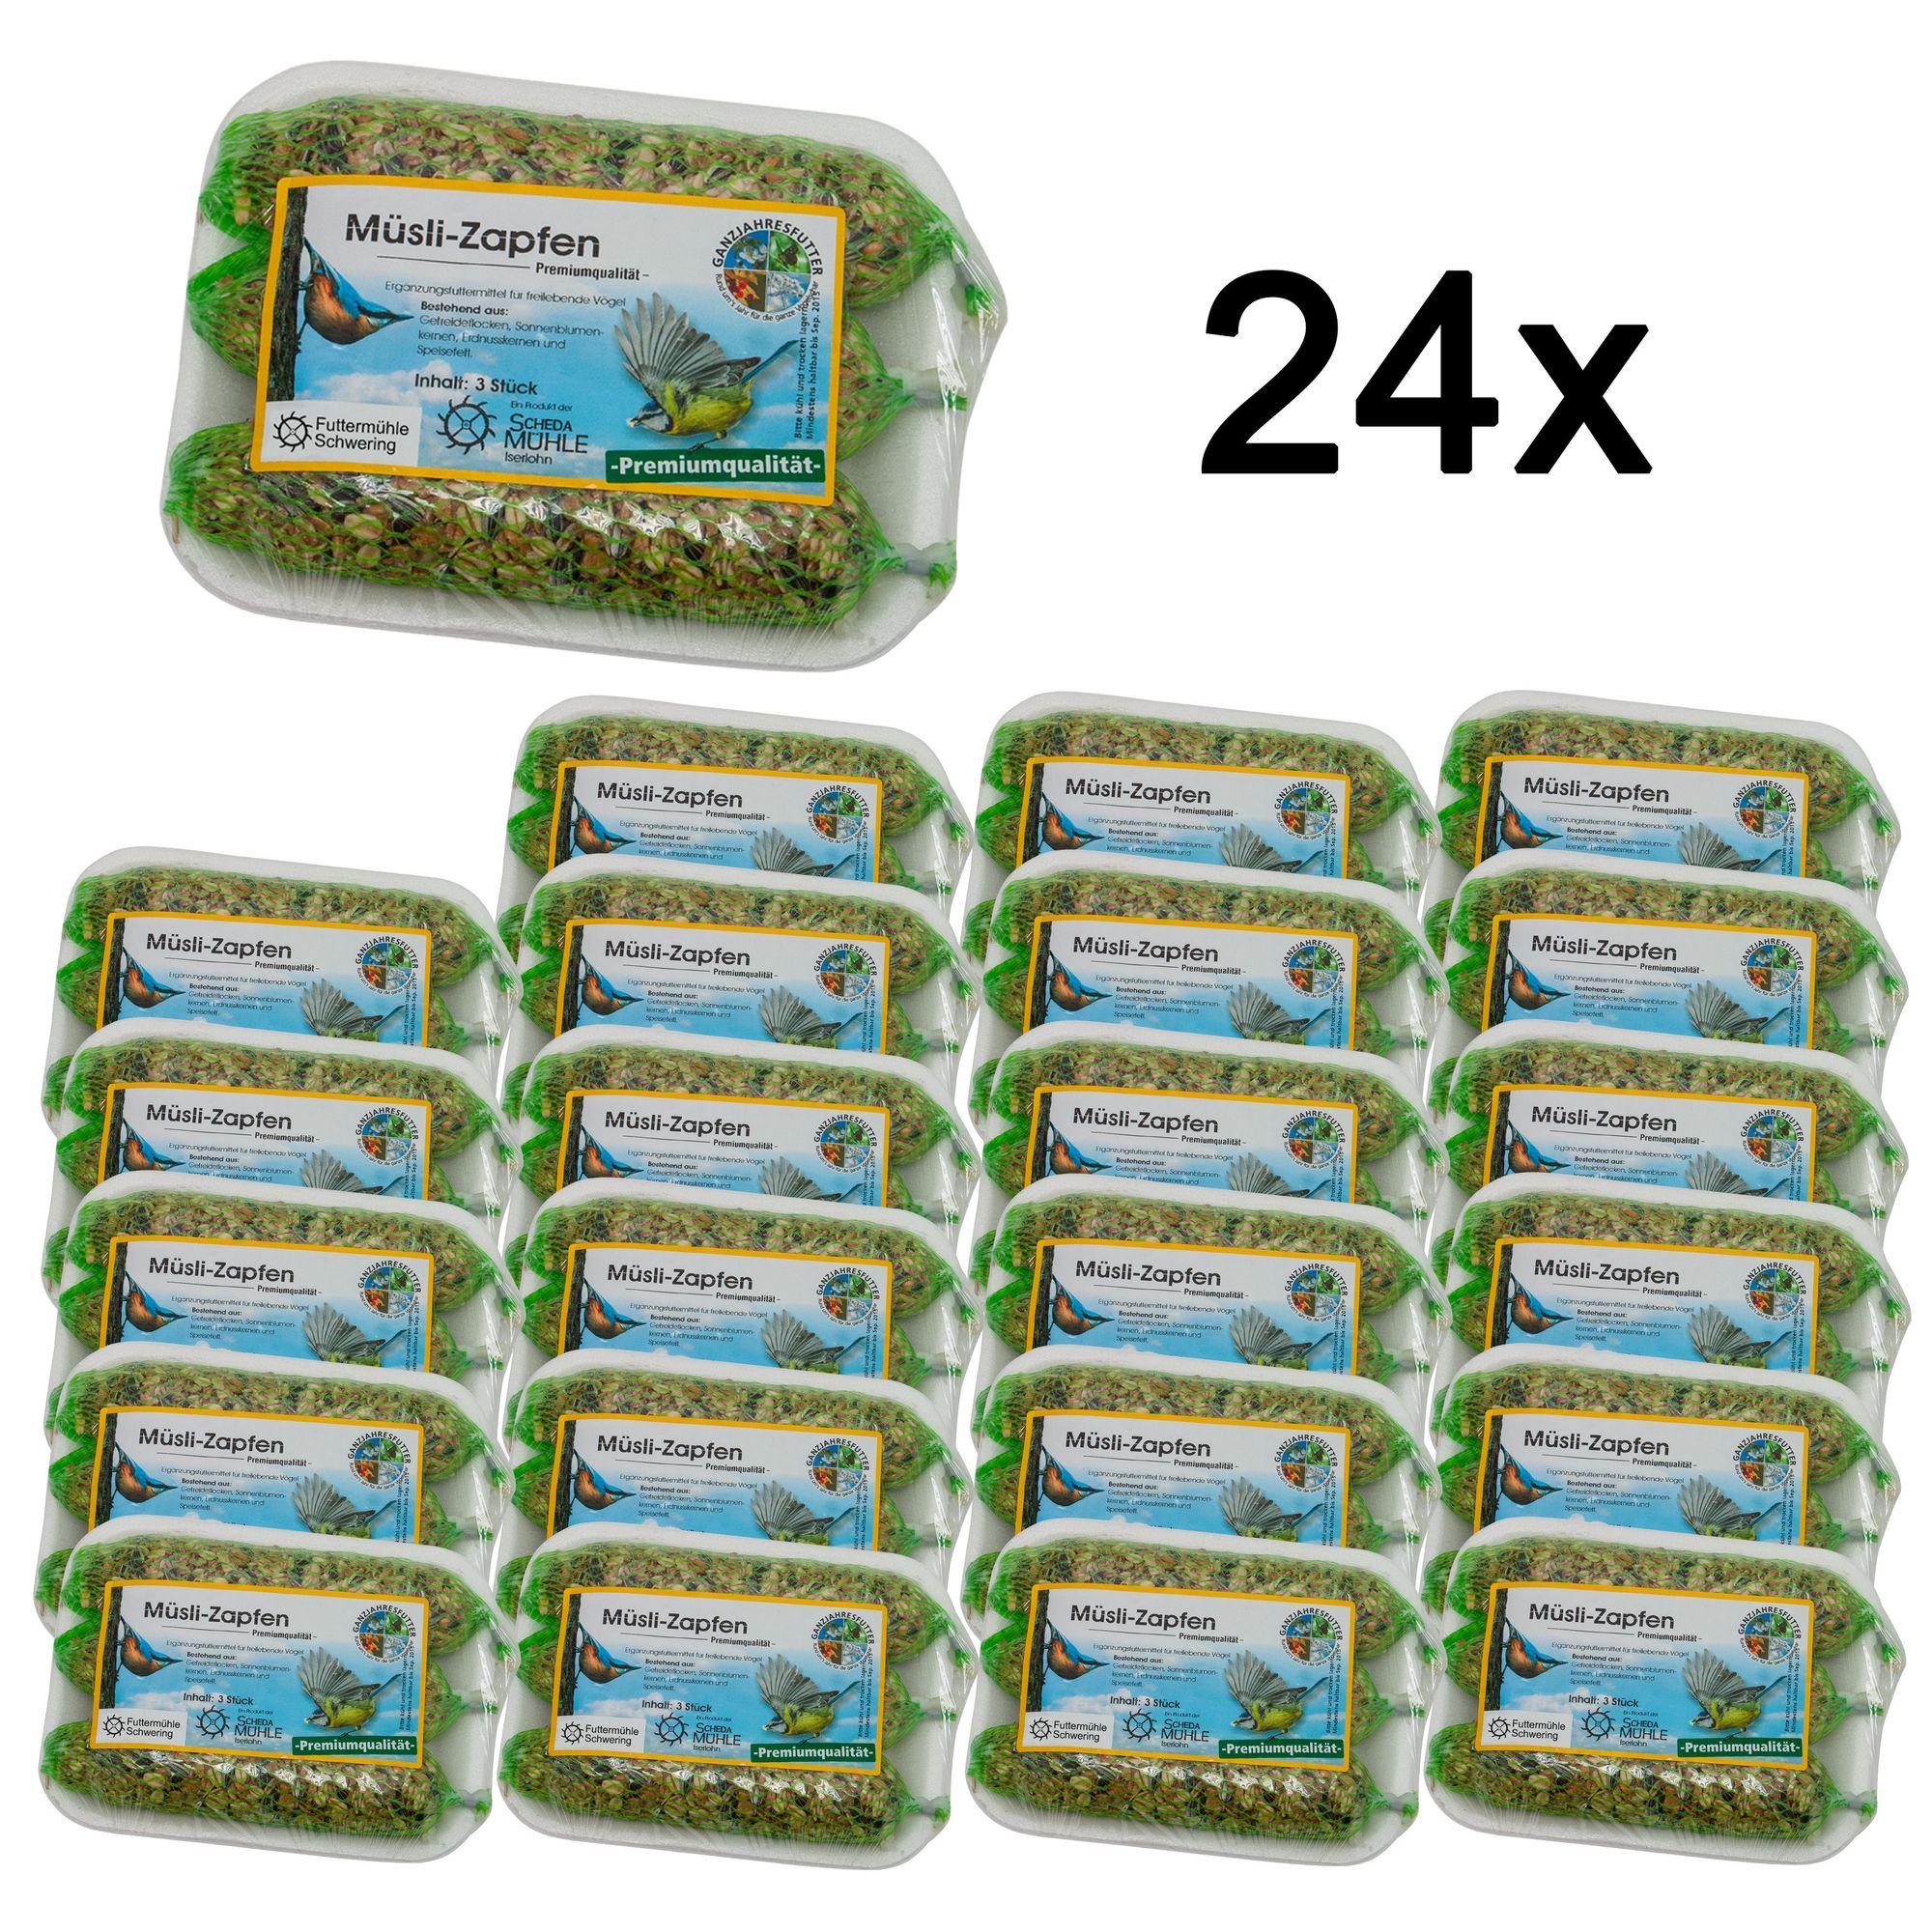 24 x Müsli-Zapfen, 3er Tablett im Sparpaket